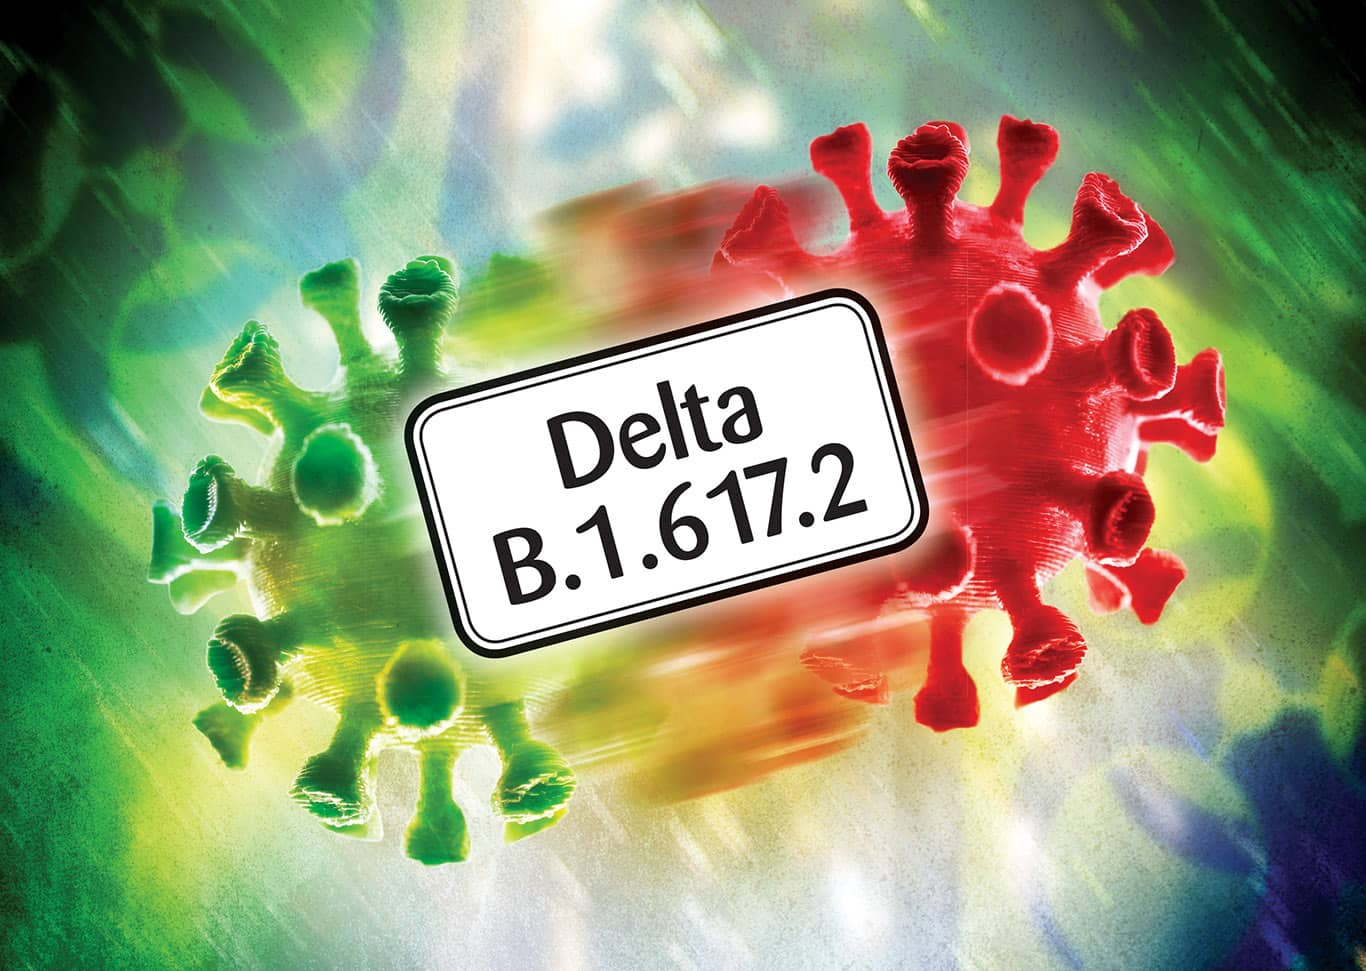 Delta B.1.617.2